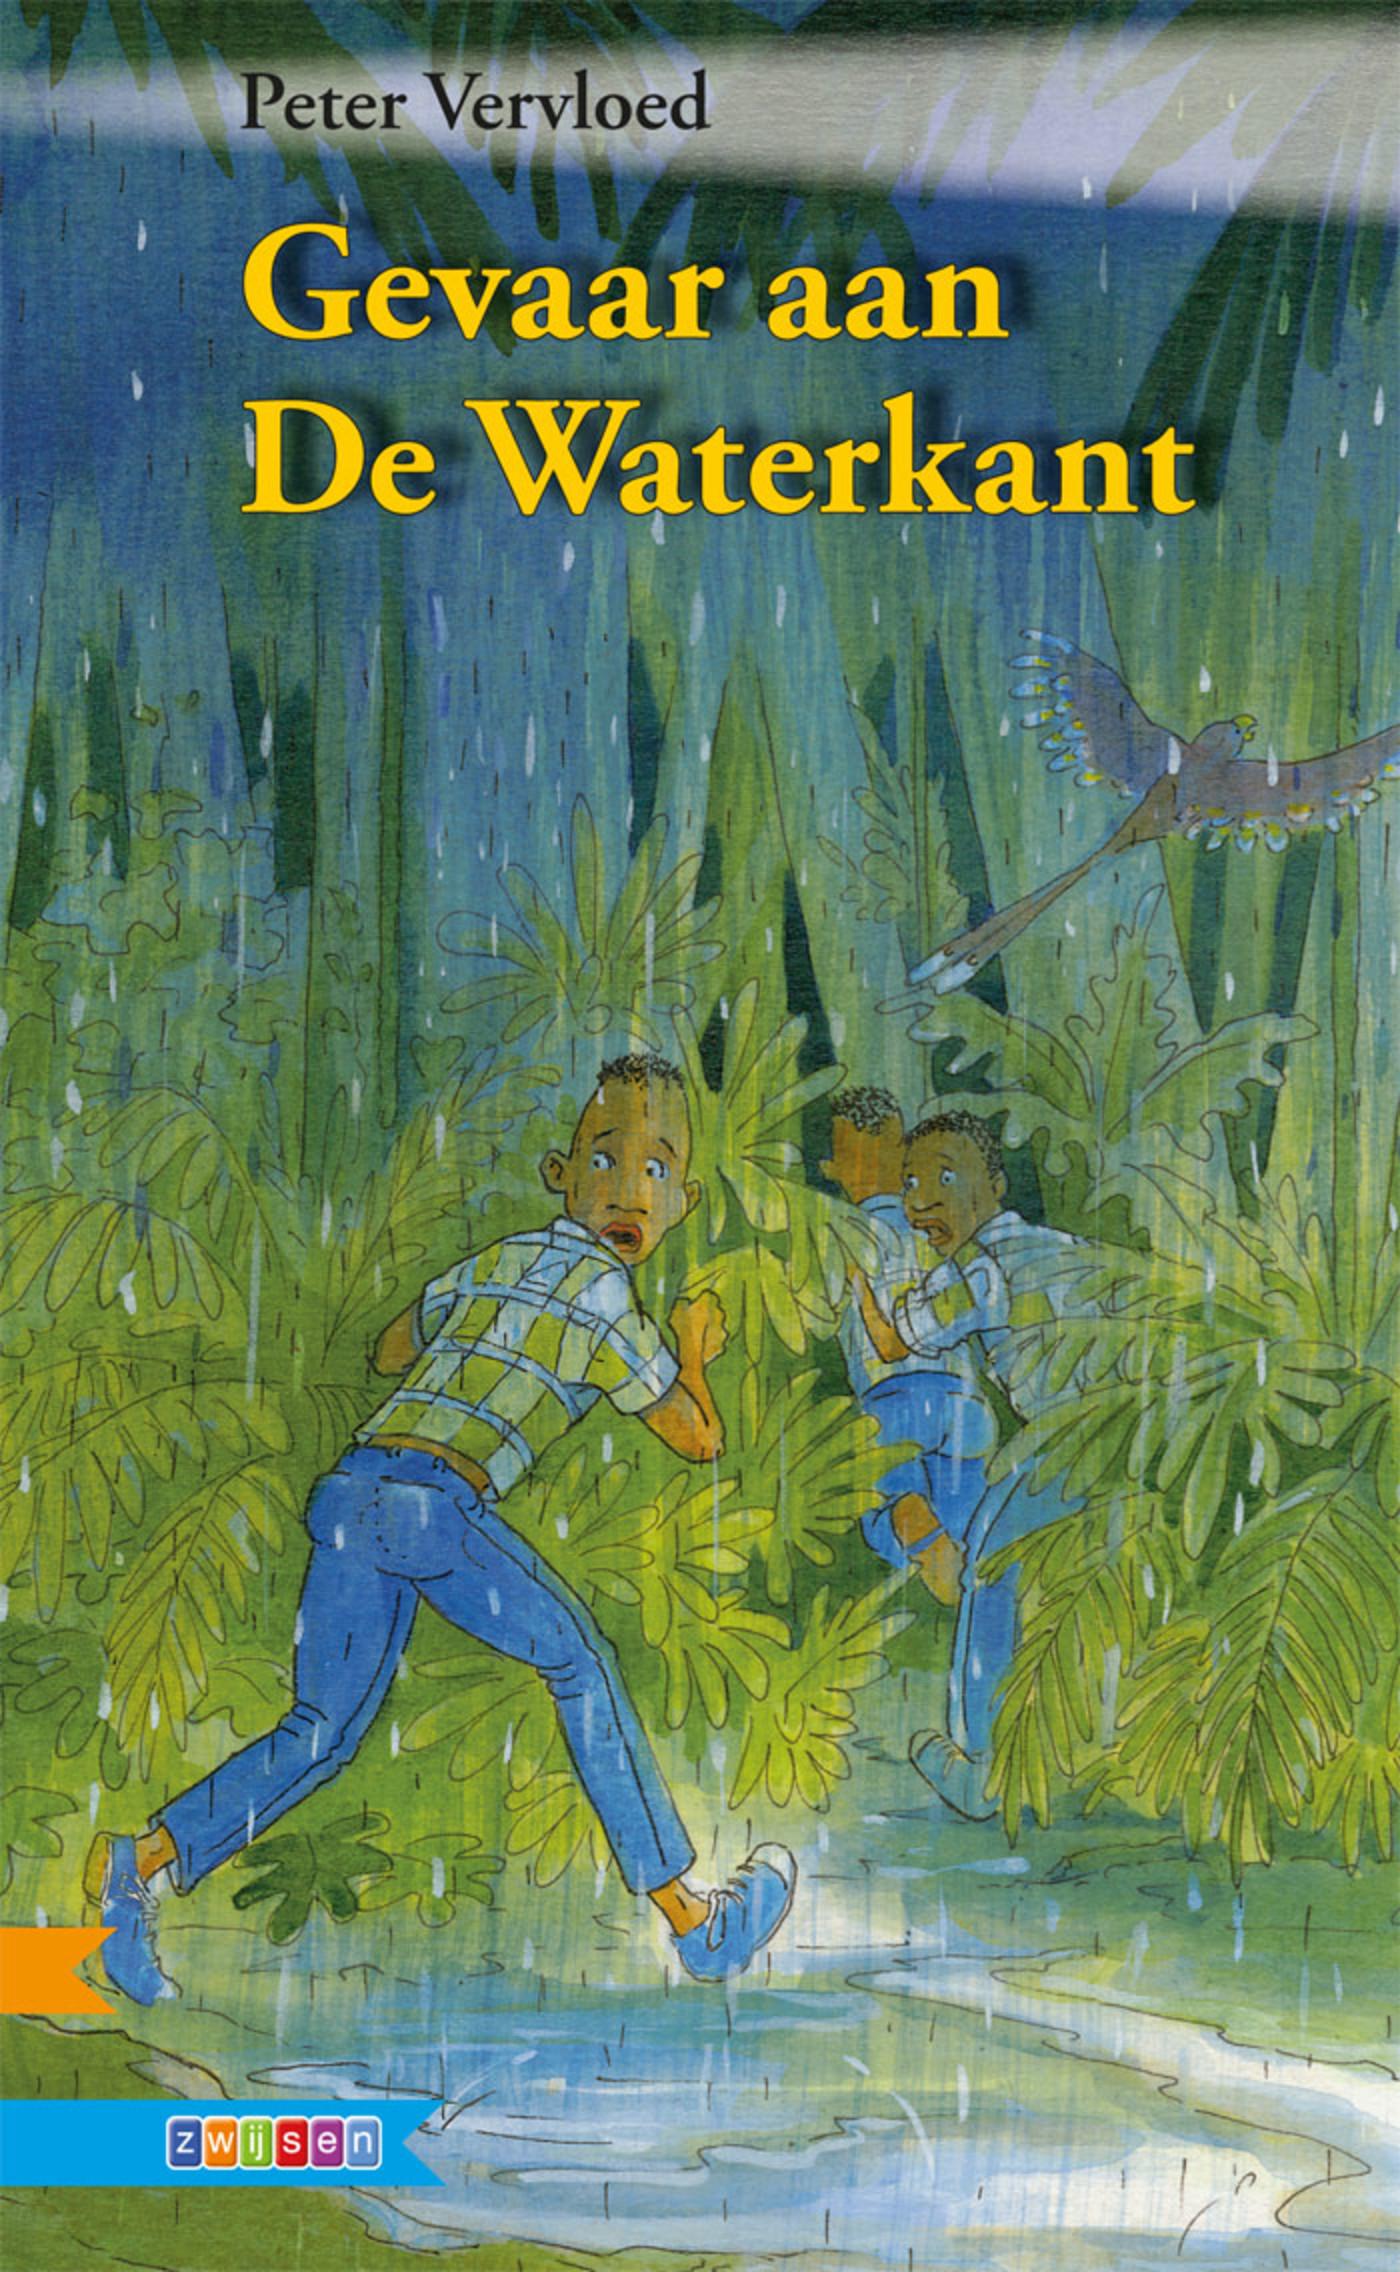 GEVAAR AAN DE WATERKANT